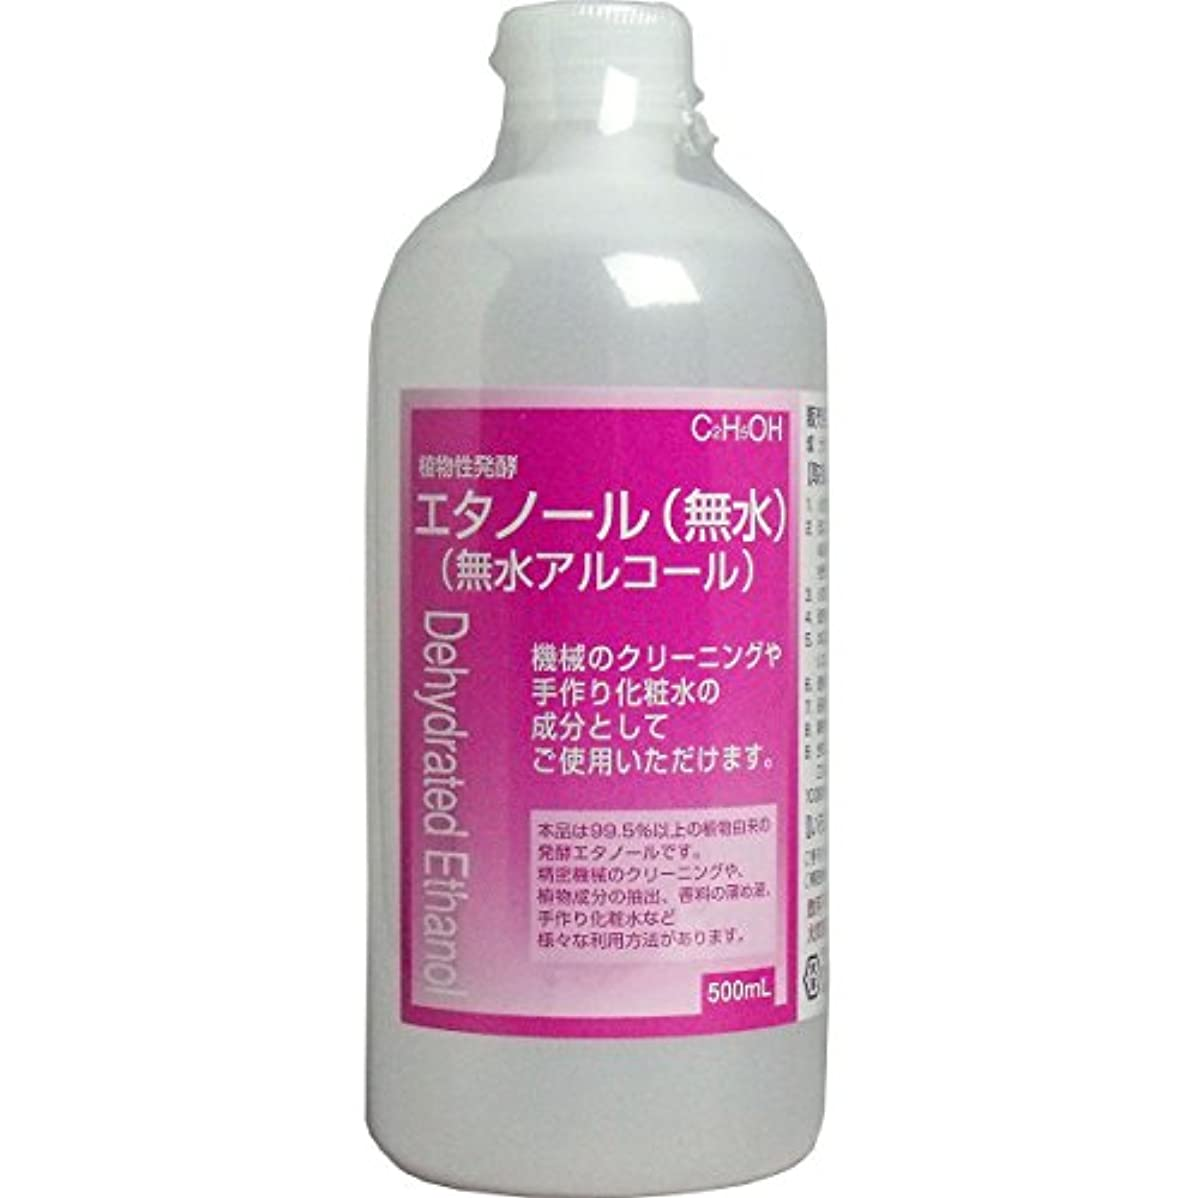 折り目悩み武器手作り化粧水に 植物性発酵エタノール(無水エタノール) 500mL